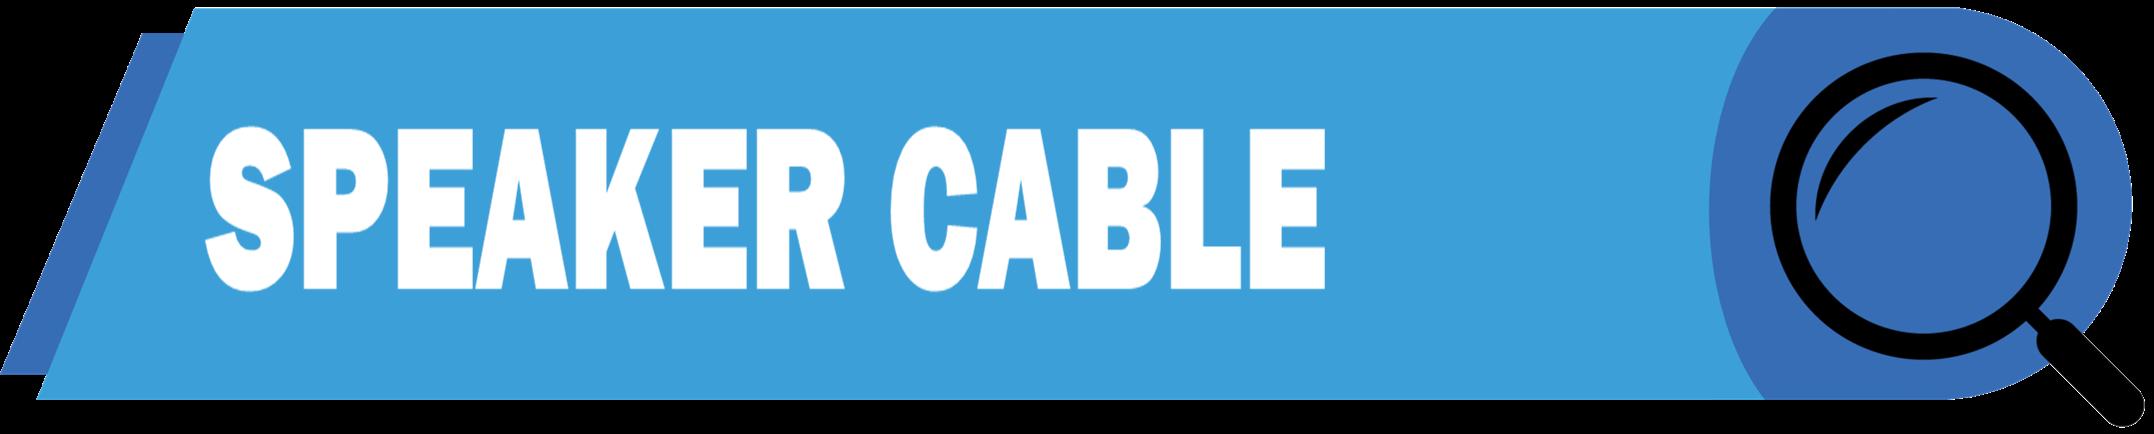 speaker-cabling-click-bar-a.png